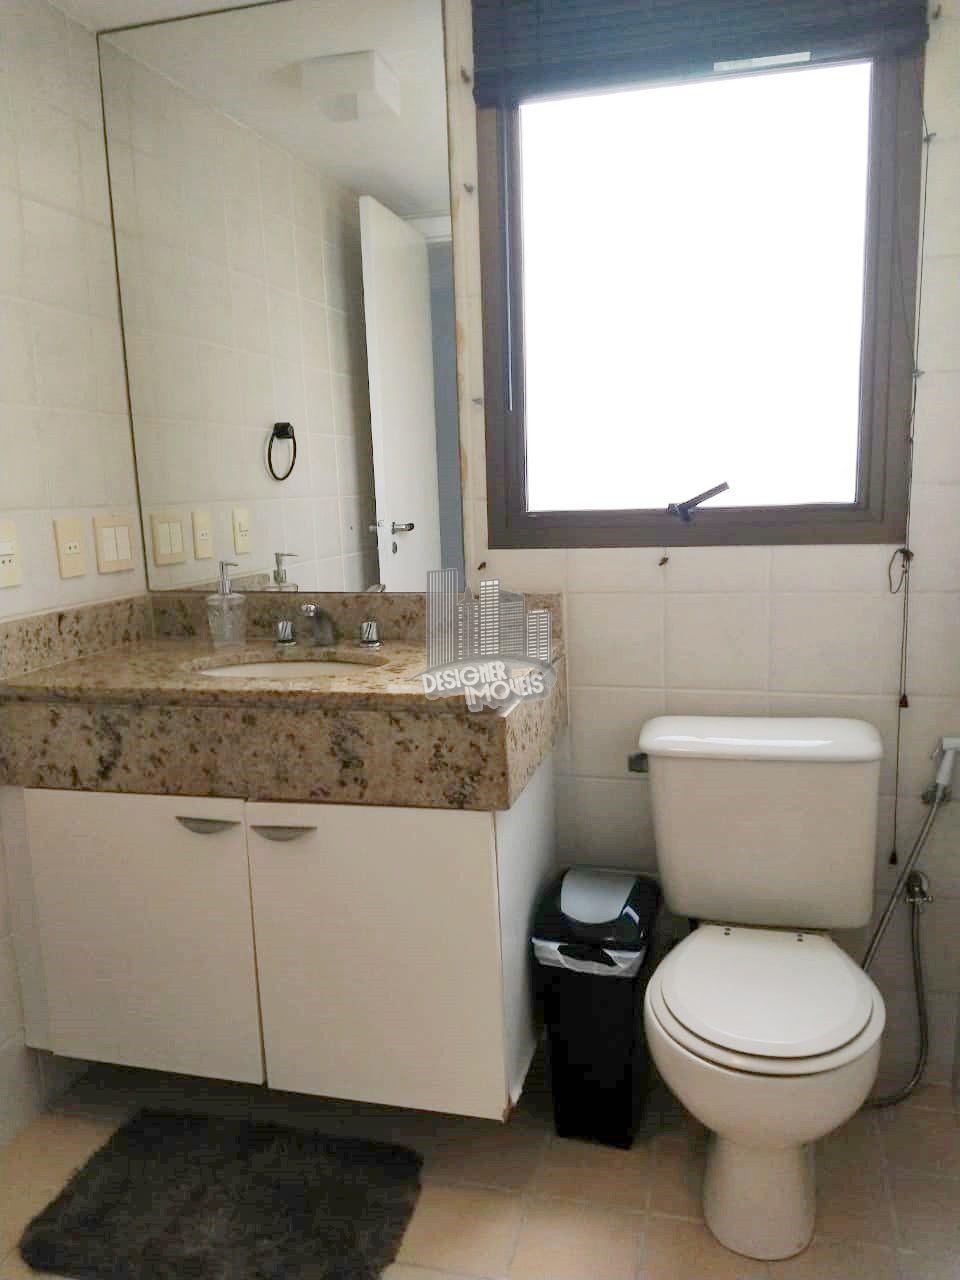 Flat Condomínio Barra Royal Plaza, Avenida Lucio Costa,Rio de Janeiro, Zona Oeste,Barra da Tijuca, RJ Para Alugar, 1 Quarto, 50m² - FLAT0001 - 14